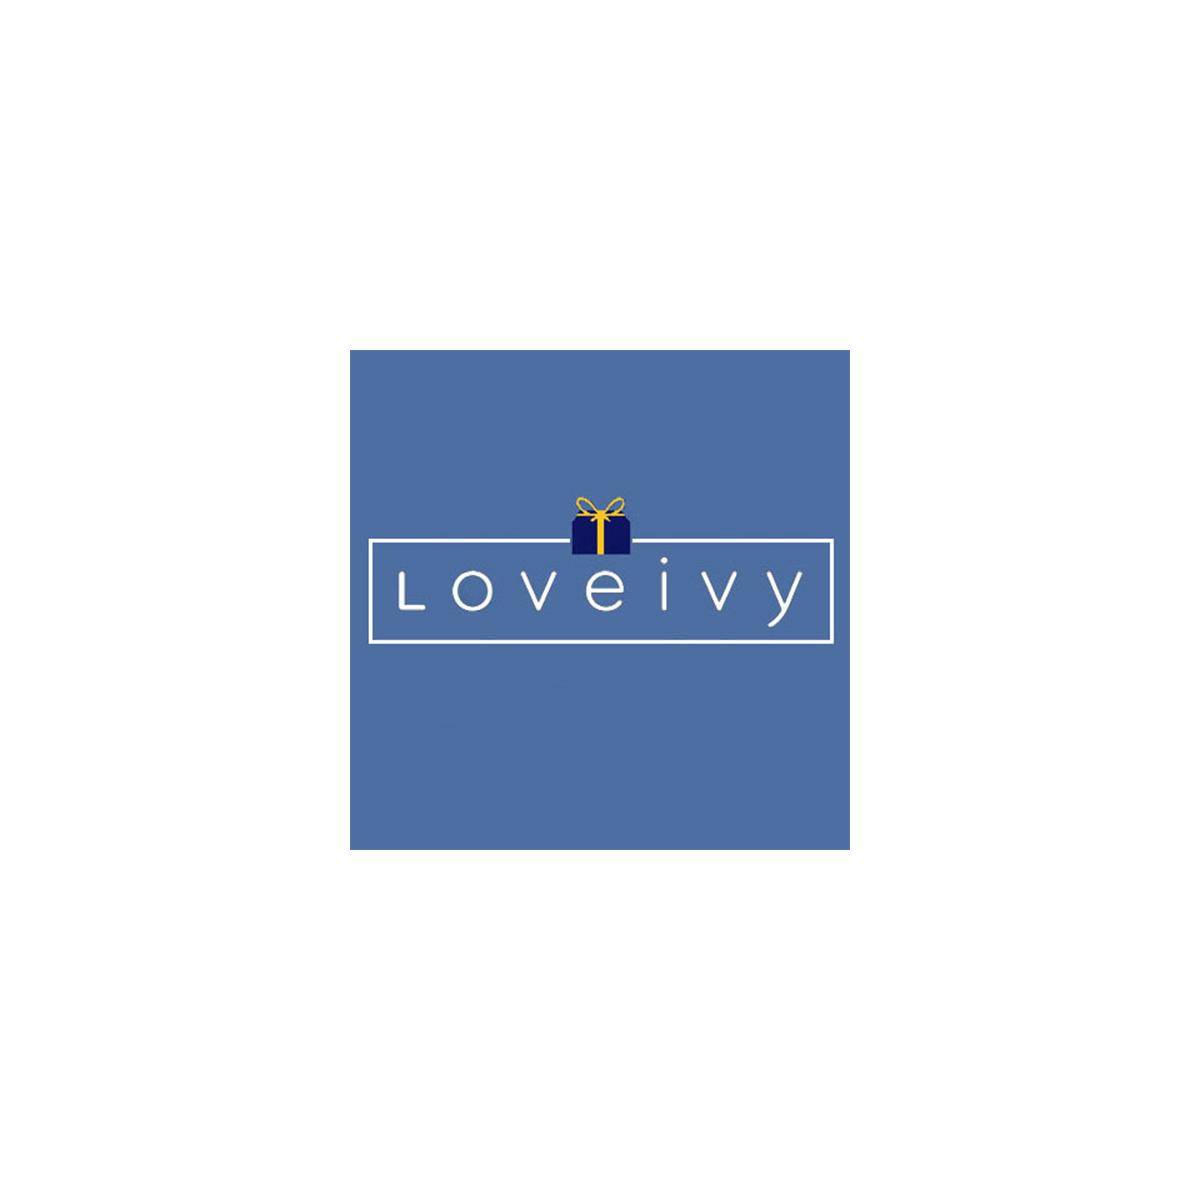 Loveivy